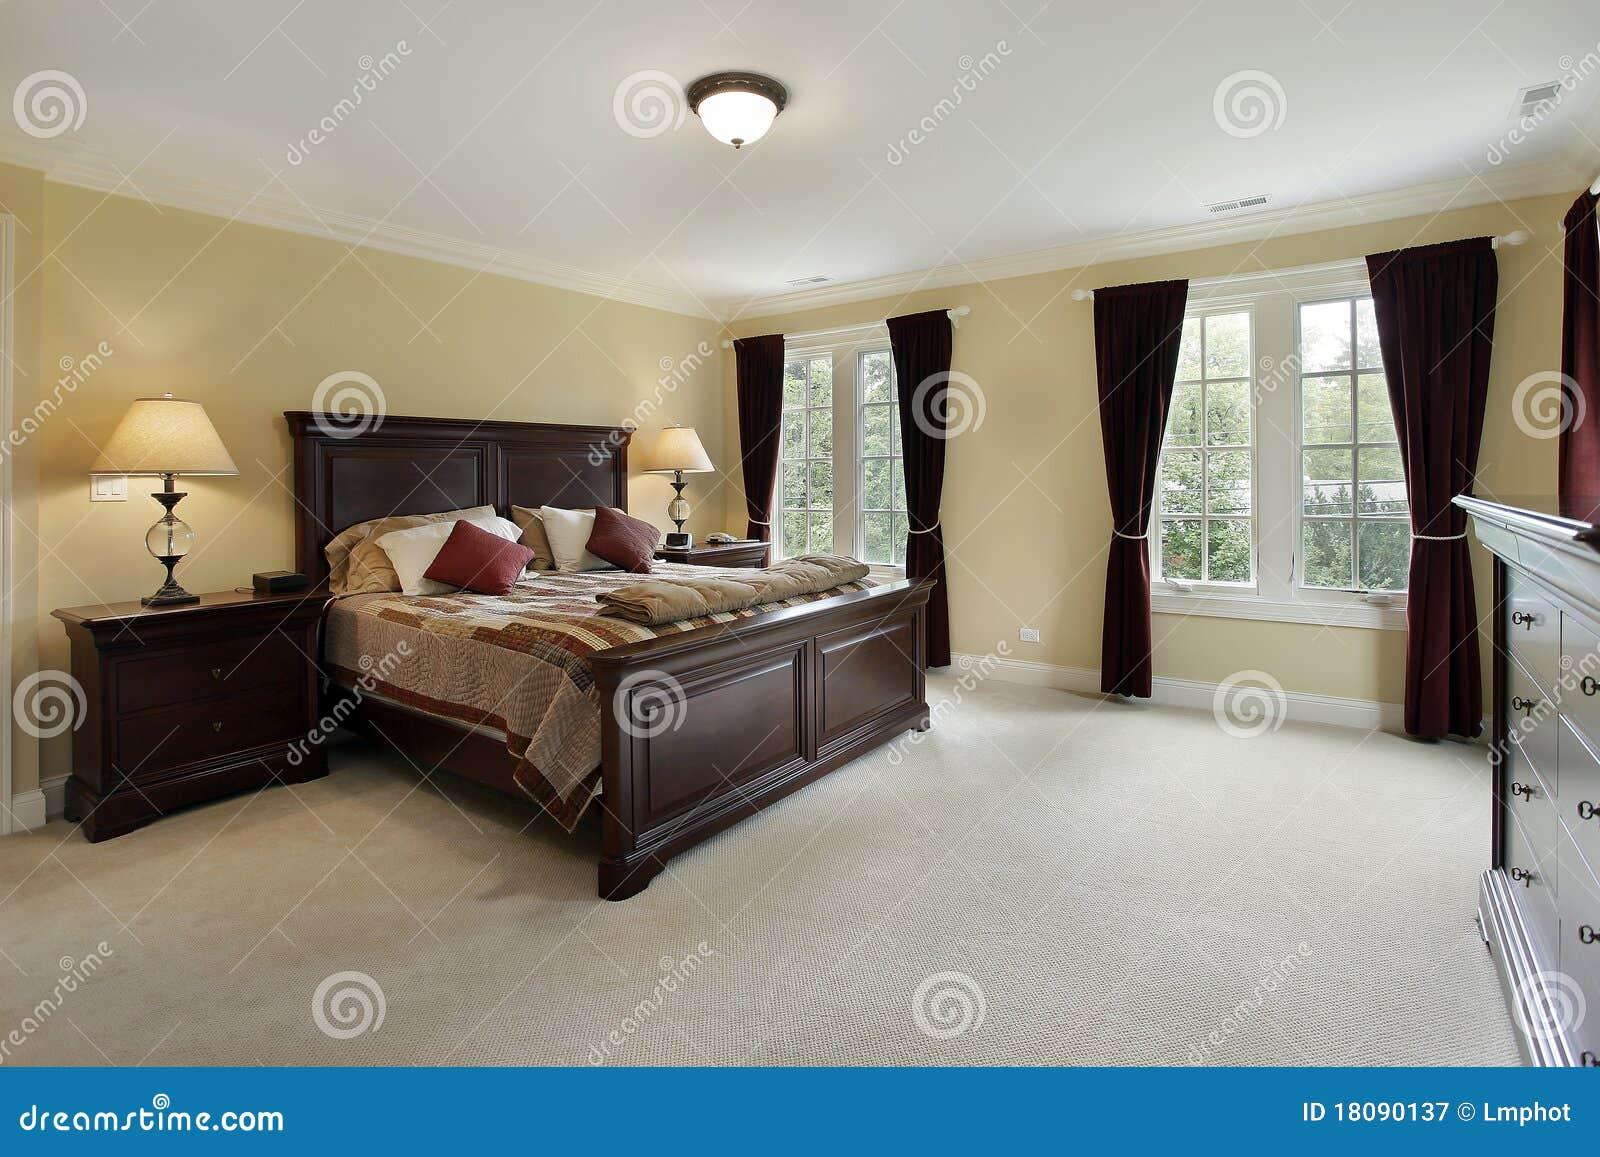 Pin Comedor Palma De Caoba Muebles Y Decoraci N Muebles Comedores  # Muebles Corotos